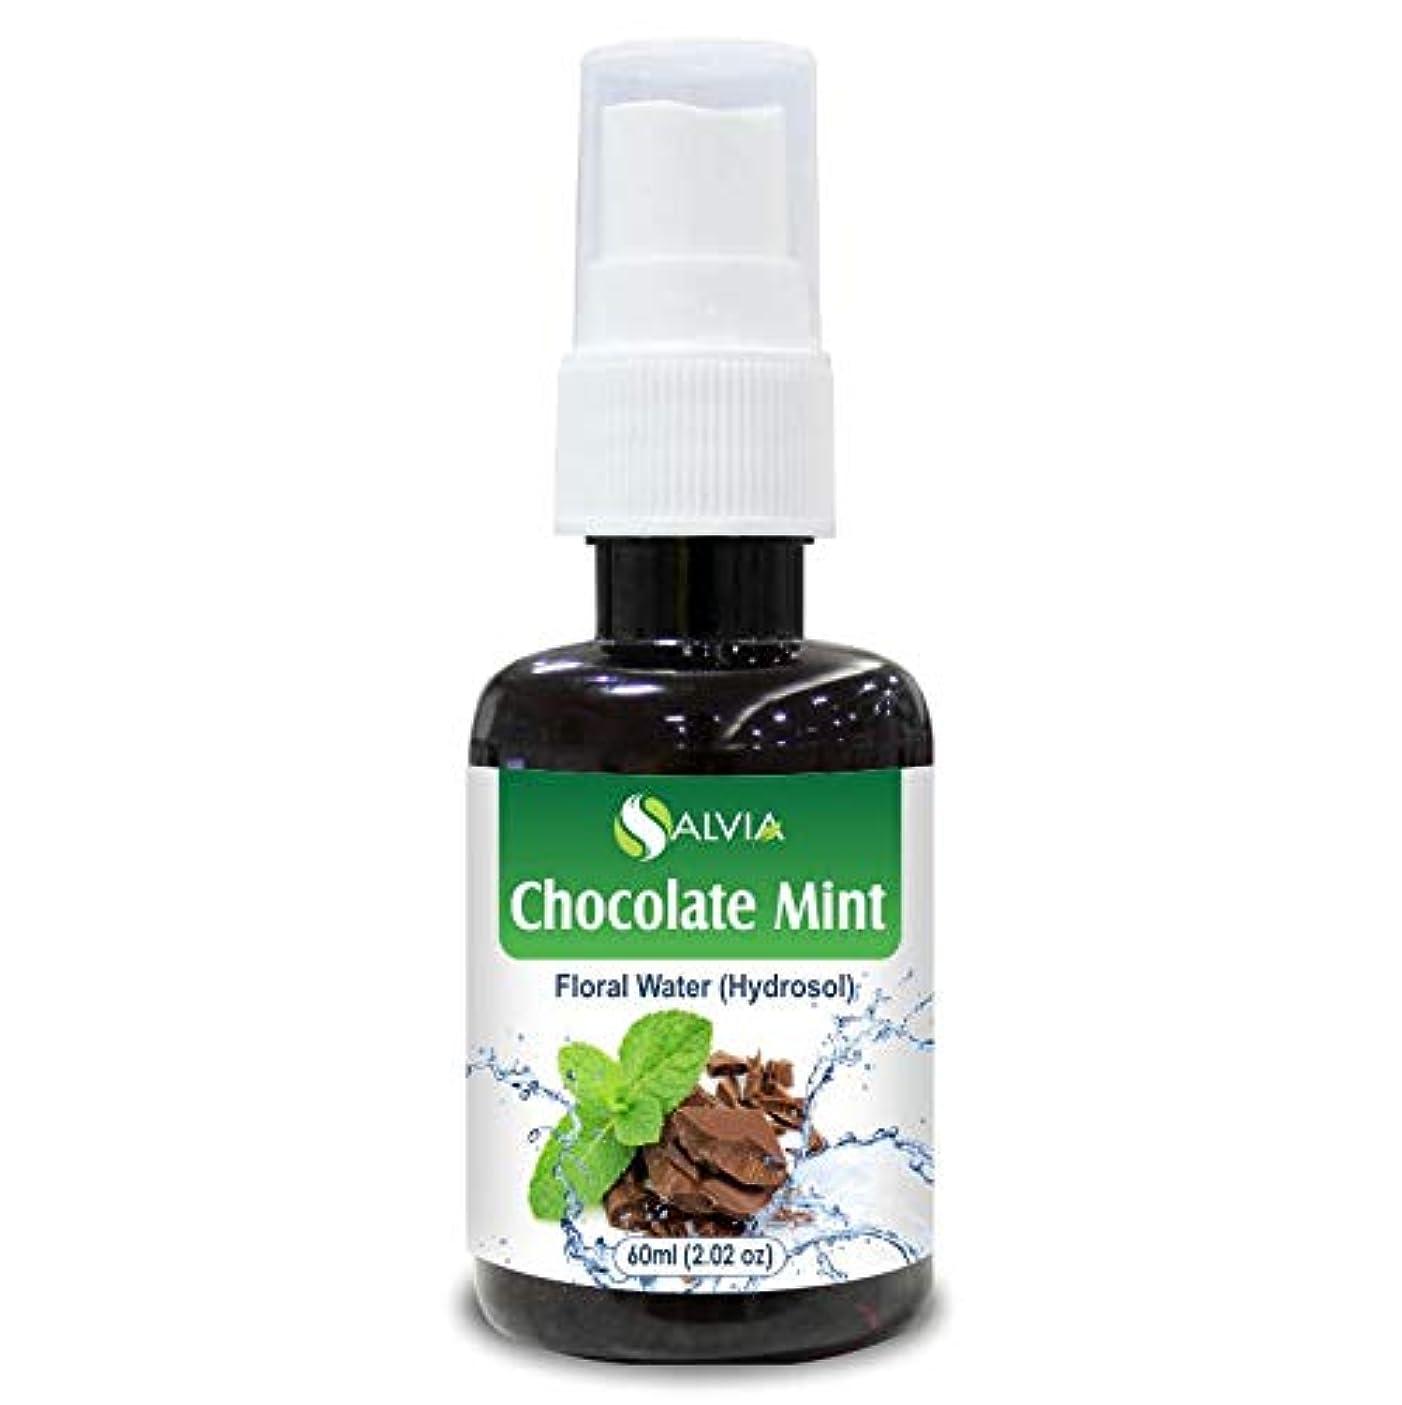 アジアほうき役員Chocolate Mint Floral Water 60ml (Hydrosol) 100% Pure And Natural